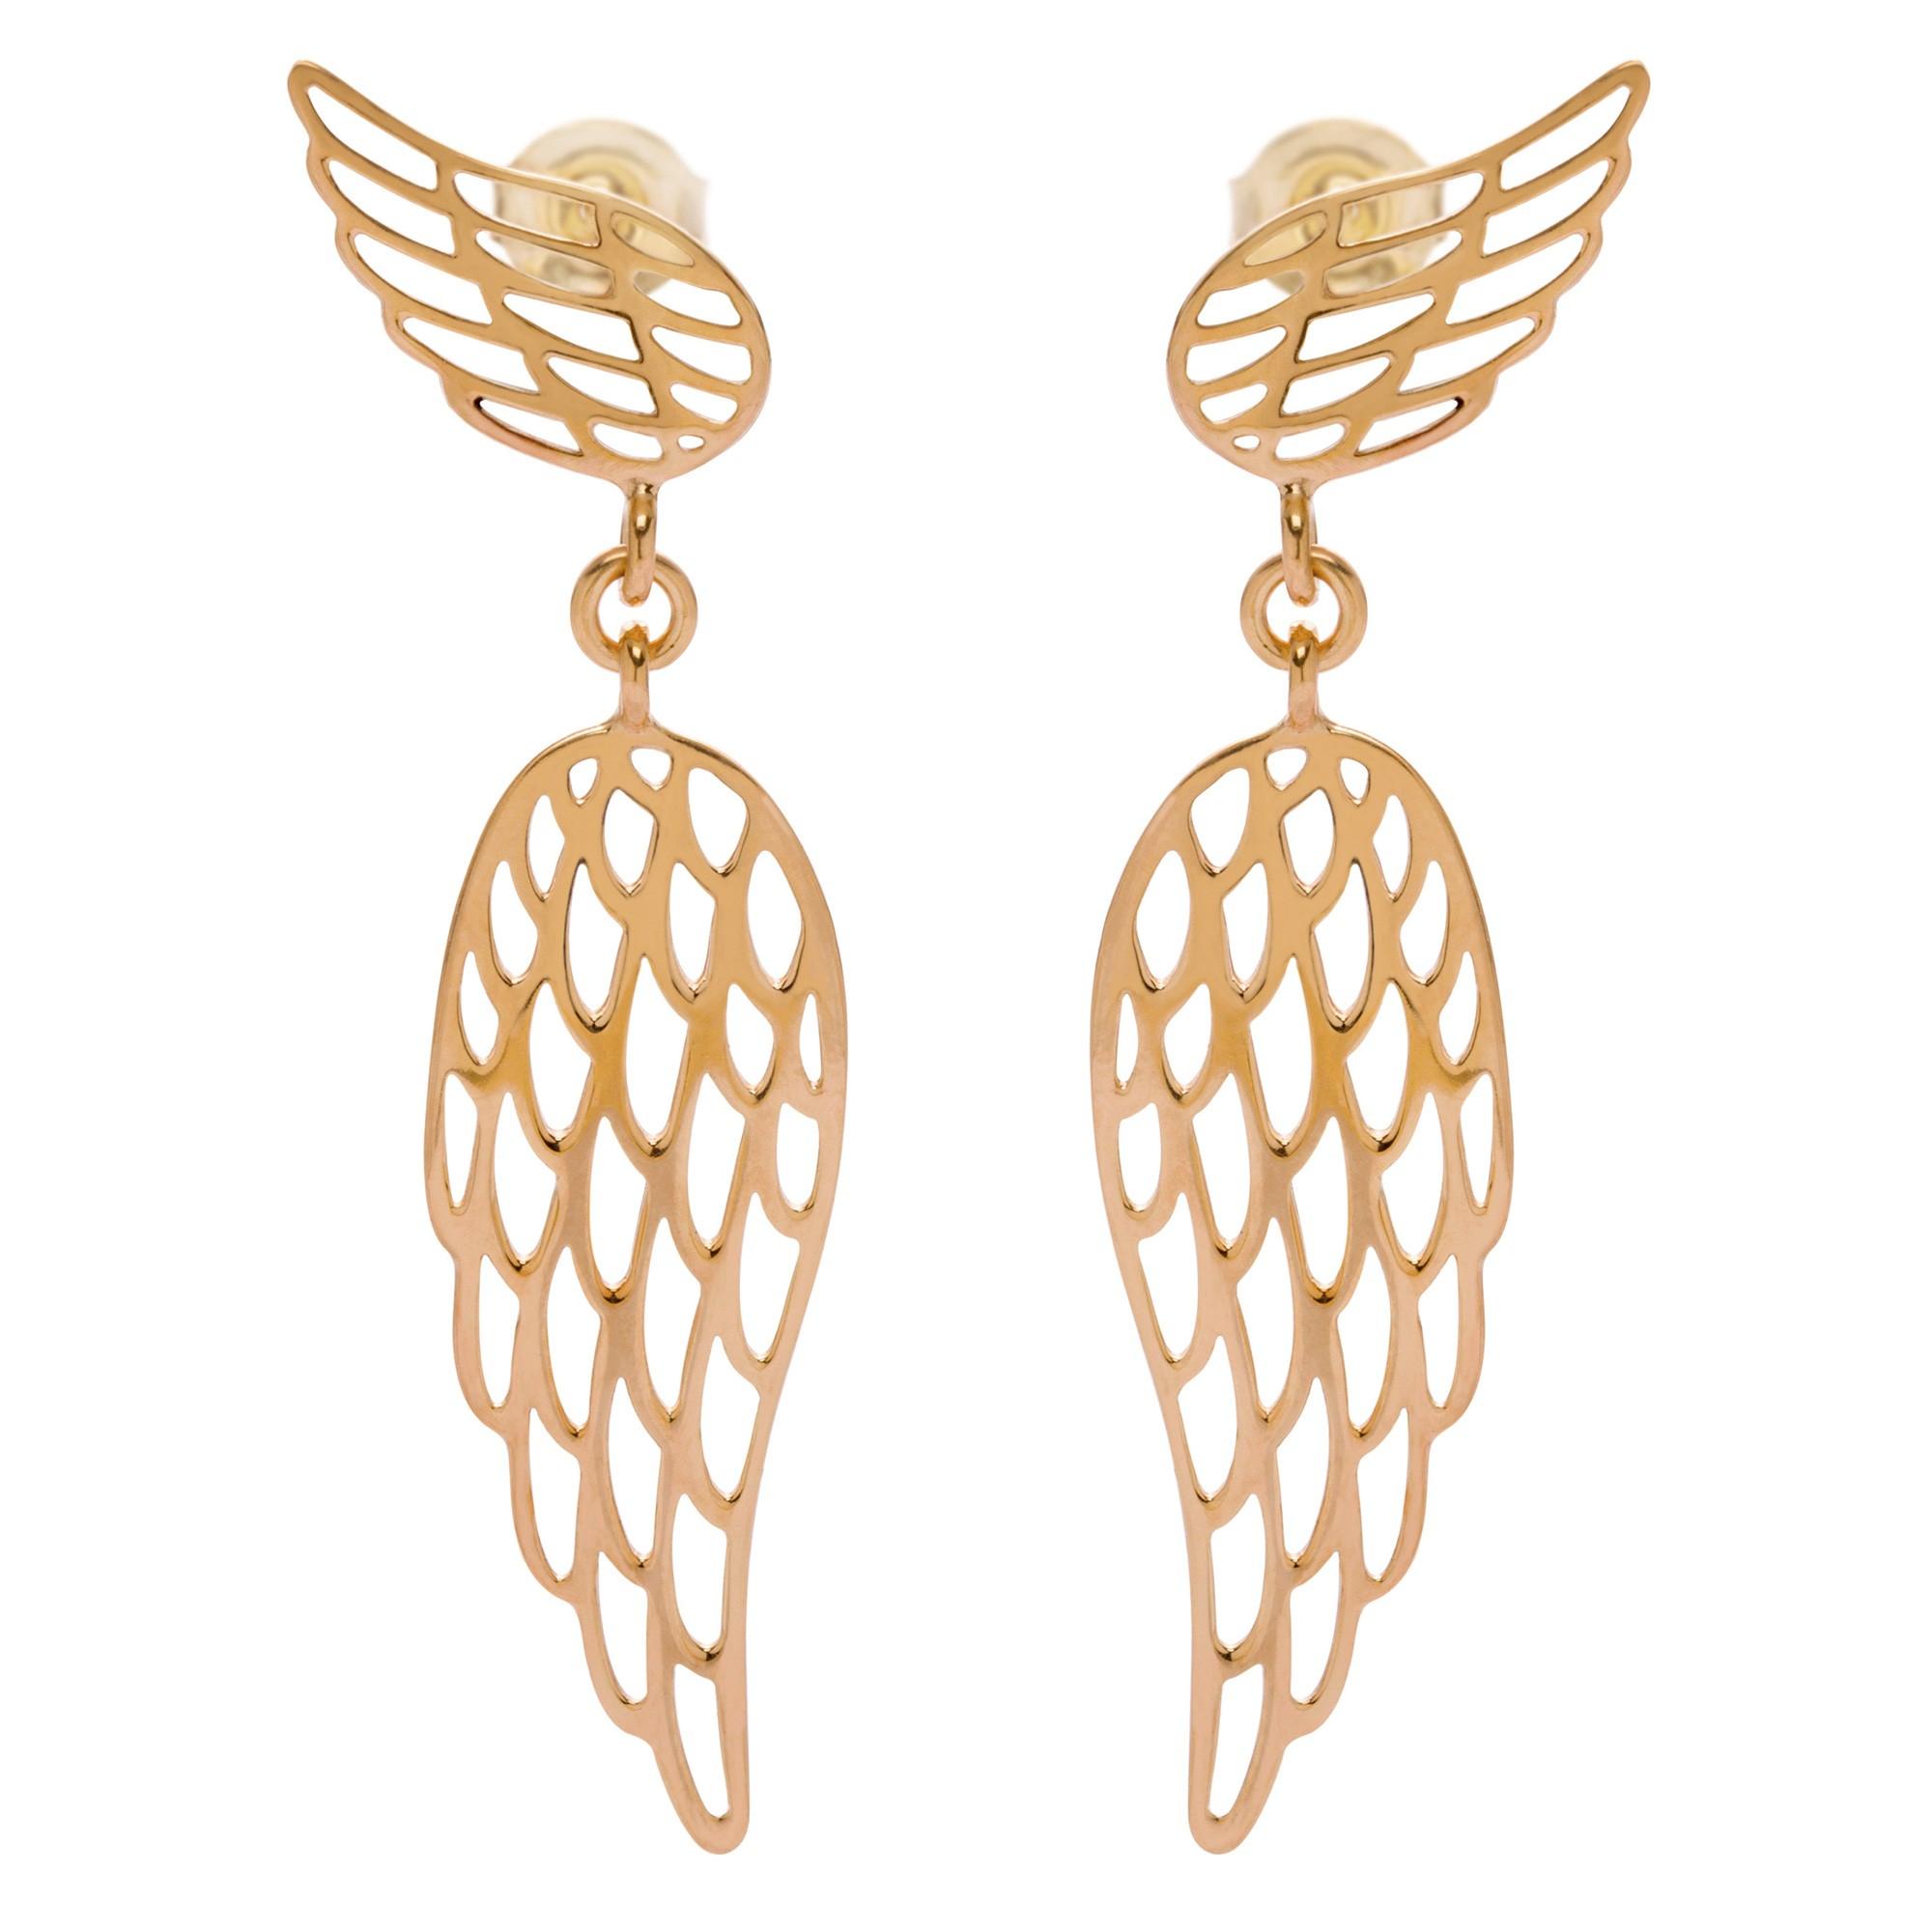 Boucles d'oreilles pendantes ailes en plaqué or